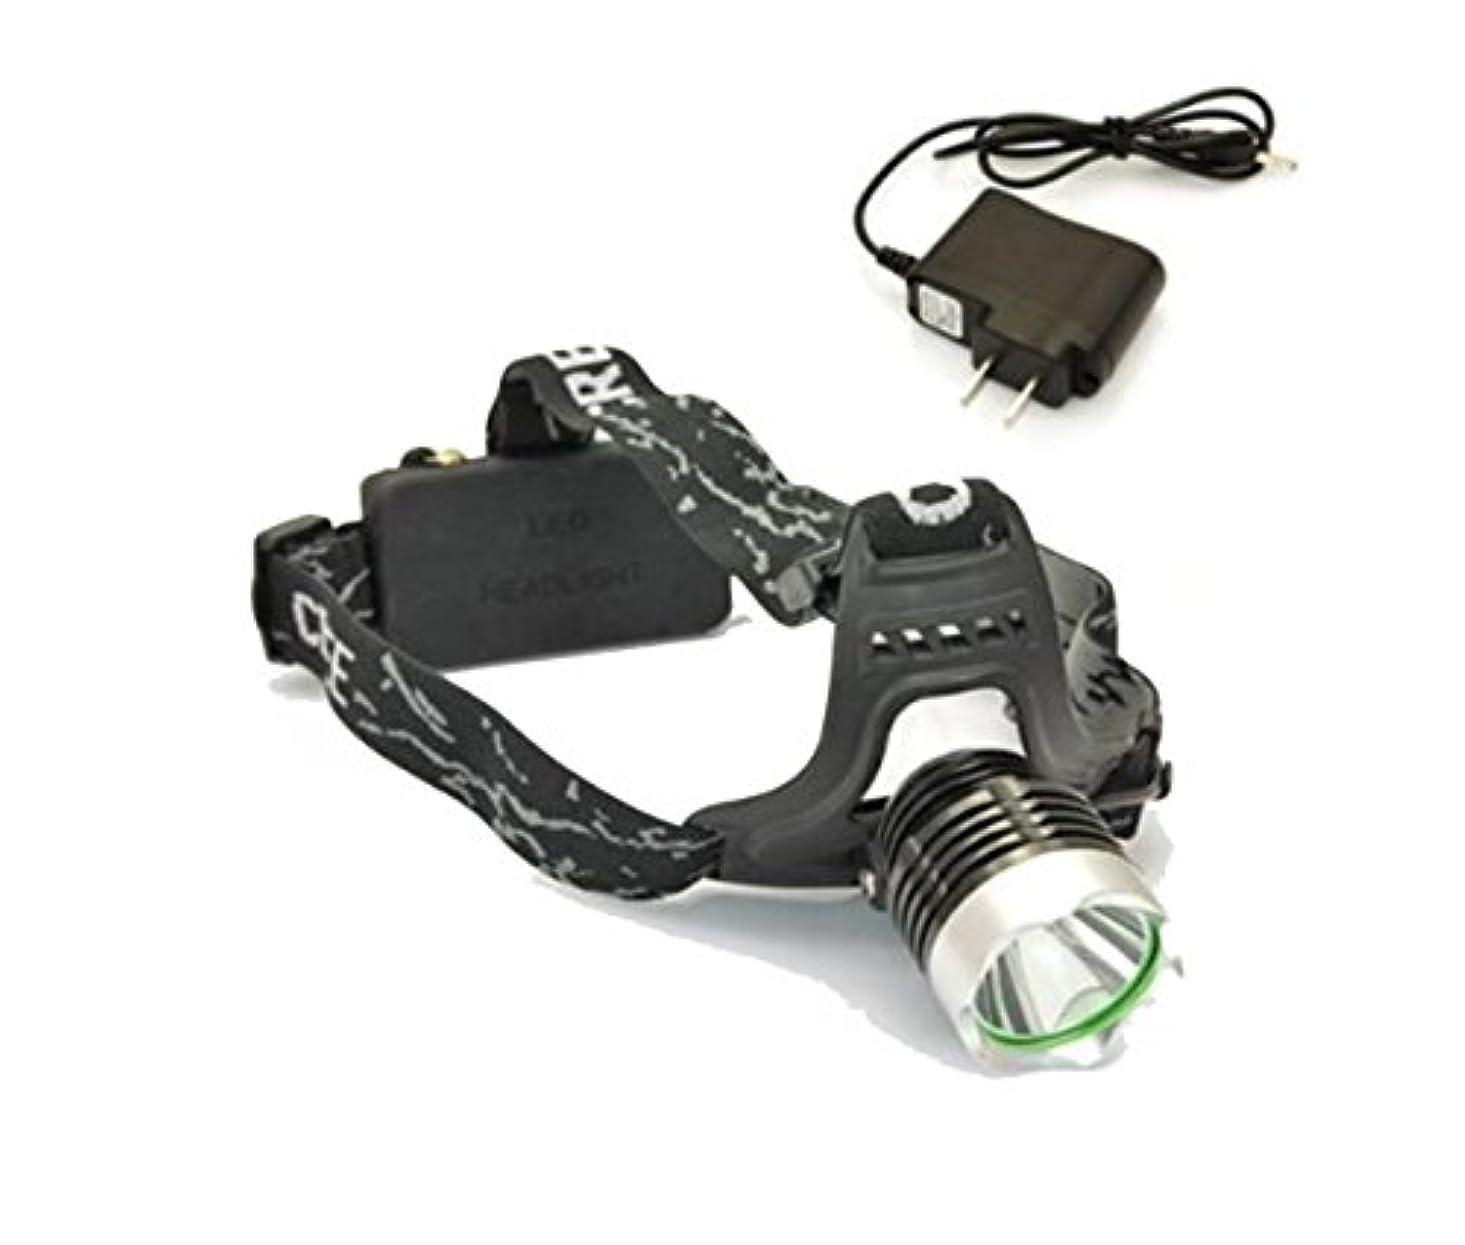 徒歩で憂慮すべき警戒DingDong 3モードLEDヘッドライトヘッドランプ、クリーXML T6ビームハンズフリー懐中電灯、調整可能なヘッドバンド付きヘッド、ヘルメット、ベルトにフィット、狩猟釣り用キャンプジョギング、防水、電源による充電